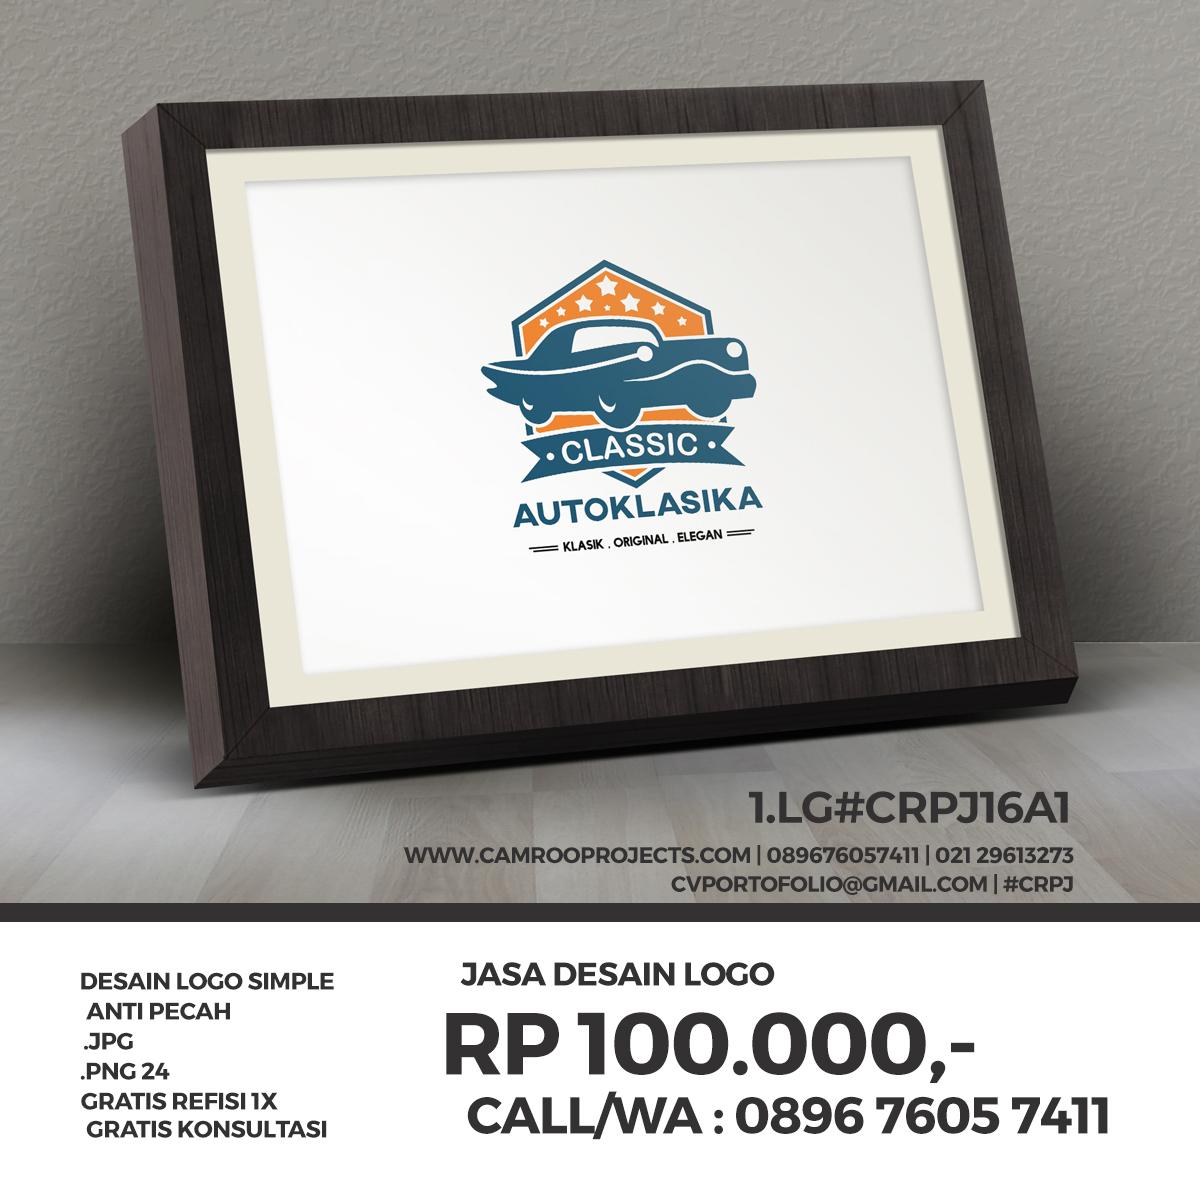 Jasa Desain Grafis professional di Bekasi